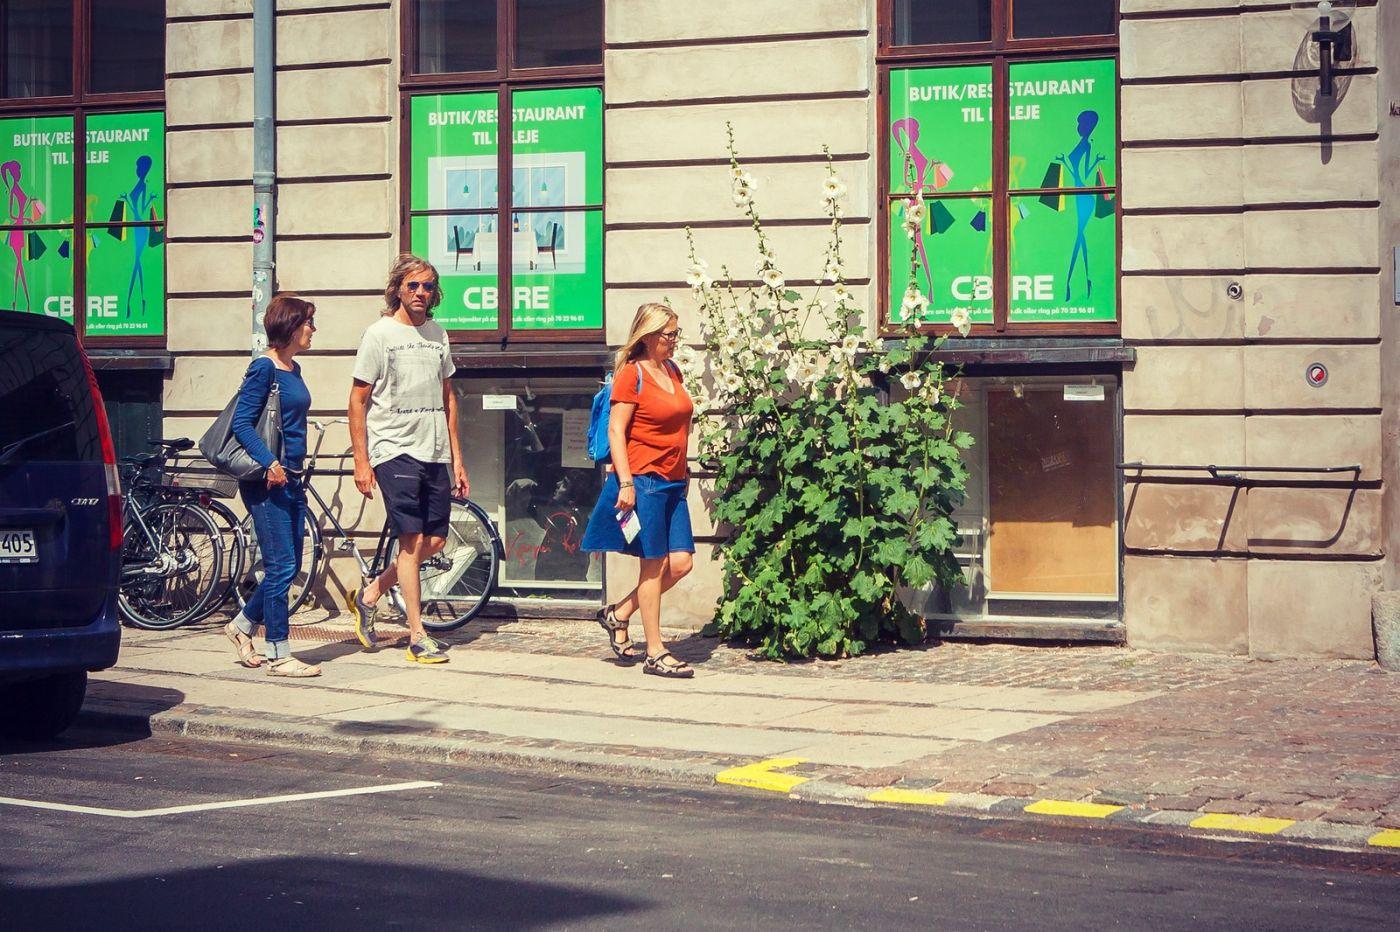 丹麥哥本哈根,生活可以是這樣的_圖1-25